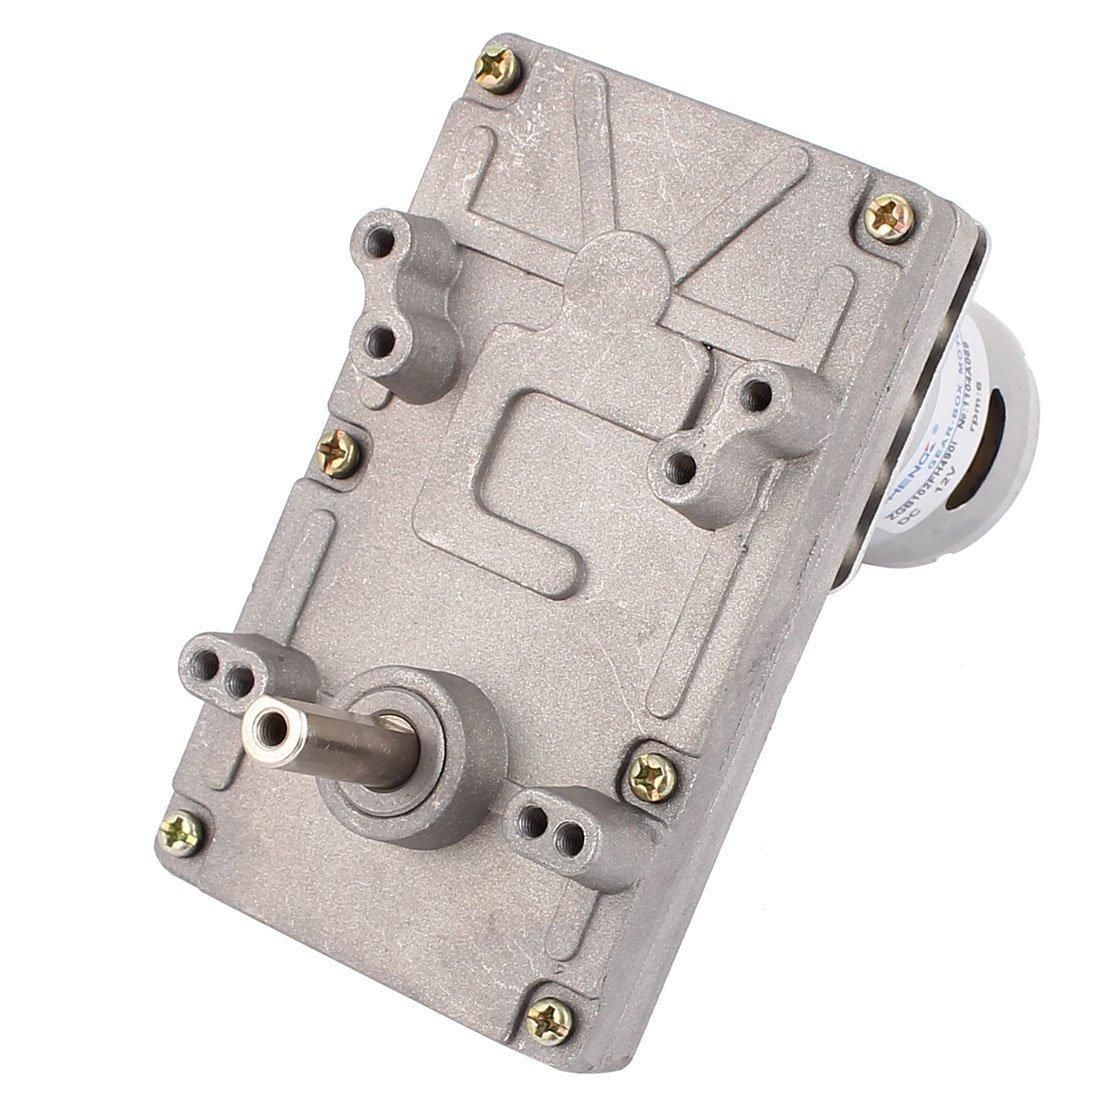 eDealMax DC12V 6rpm alto par eléctrico DC gusano de la caja de engranajes del motor reductor de velocidad - - Amazon.com